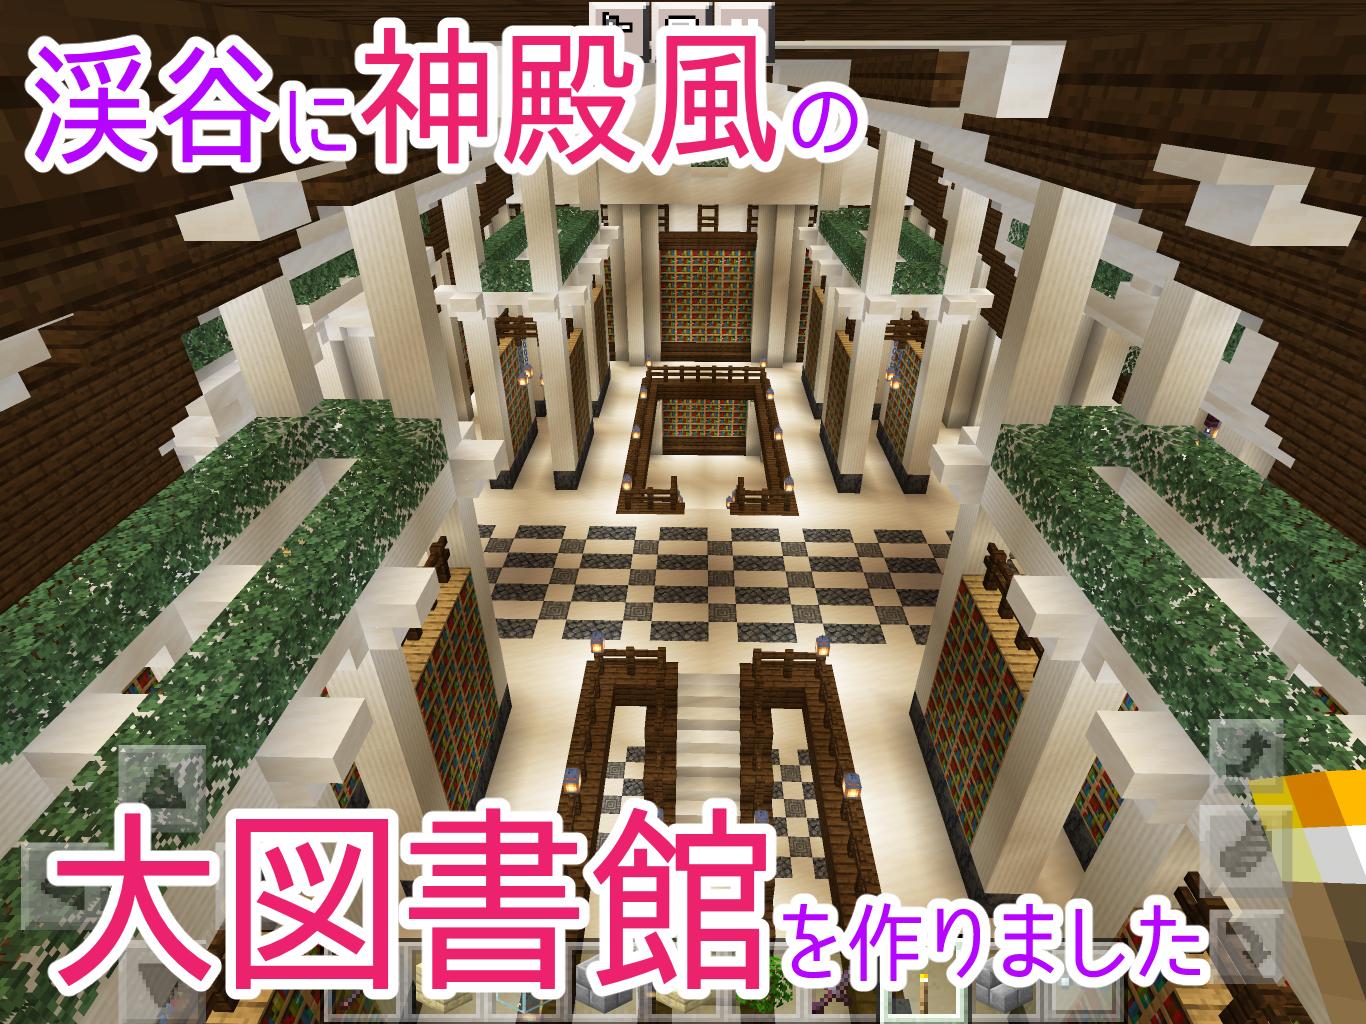 【マインクラフト建築】渓谷に神殿風の大図書館を作ってみた【マイクラ】